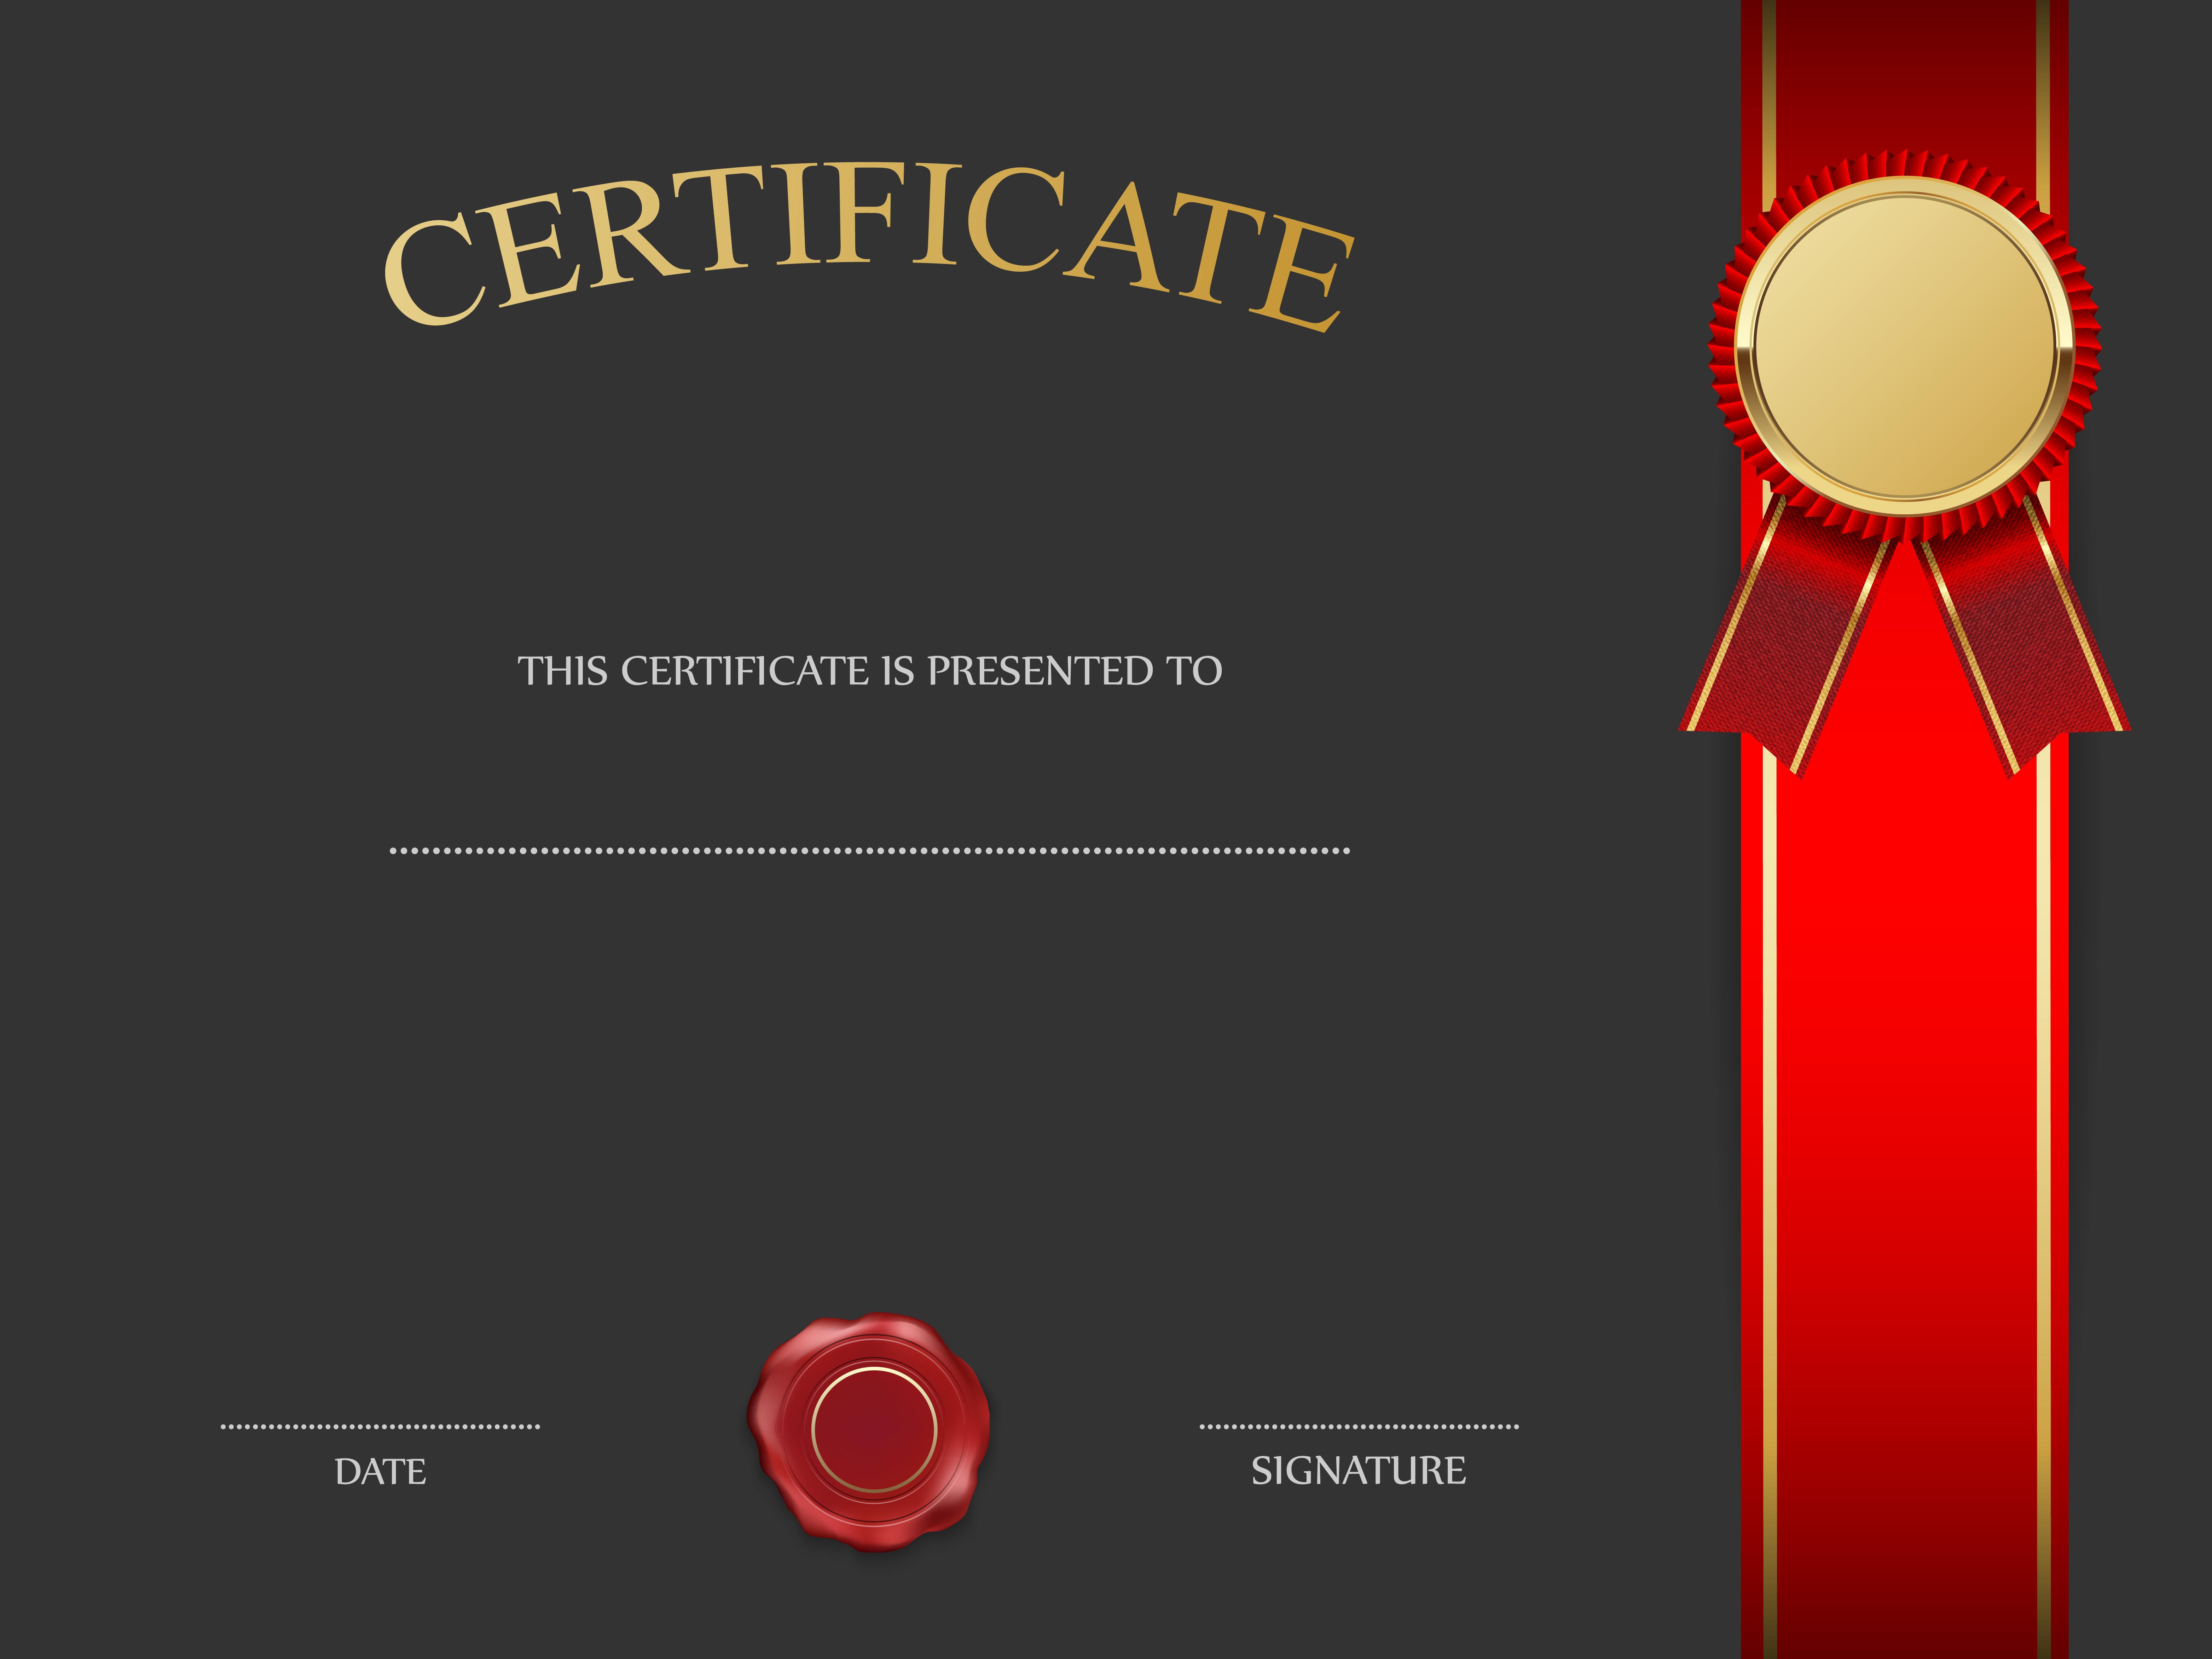 Black Certificate Template With Red Png Image Sertifikat Penghargaan Kartu Nama Desain Pamflet